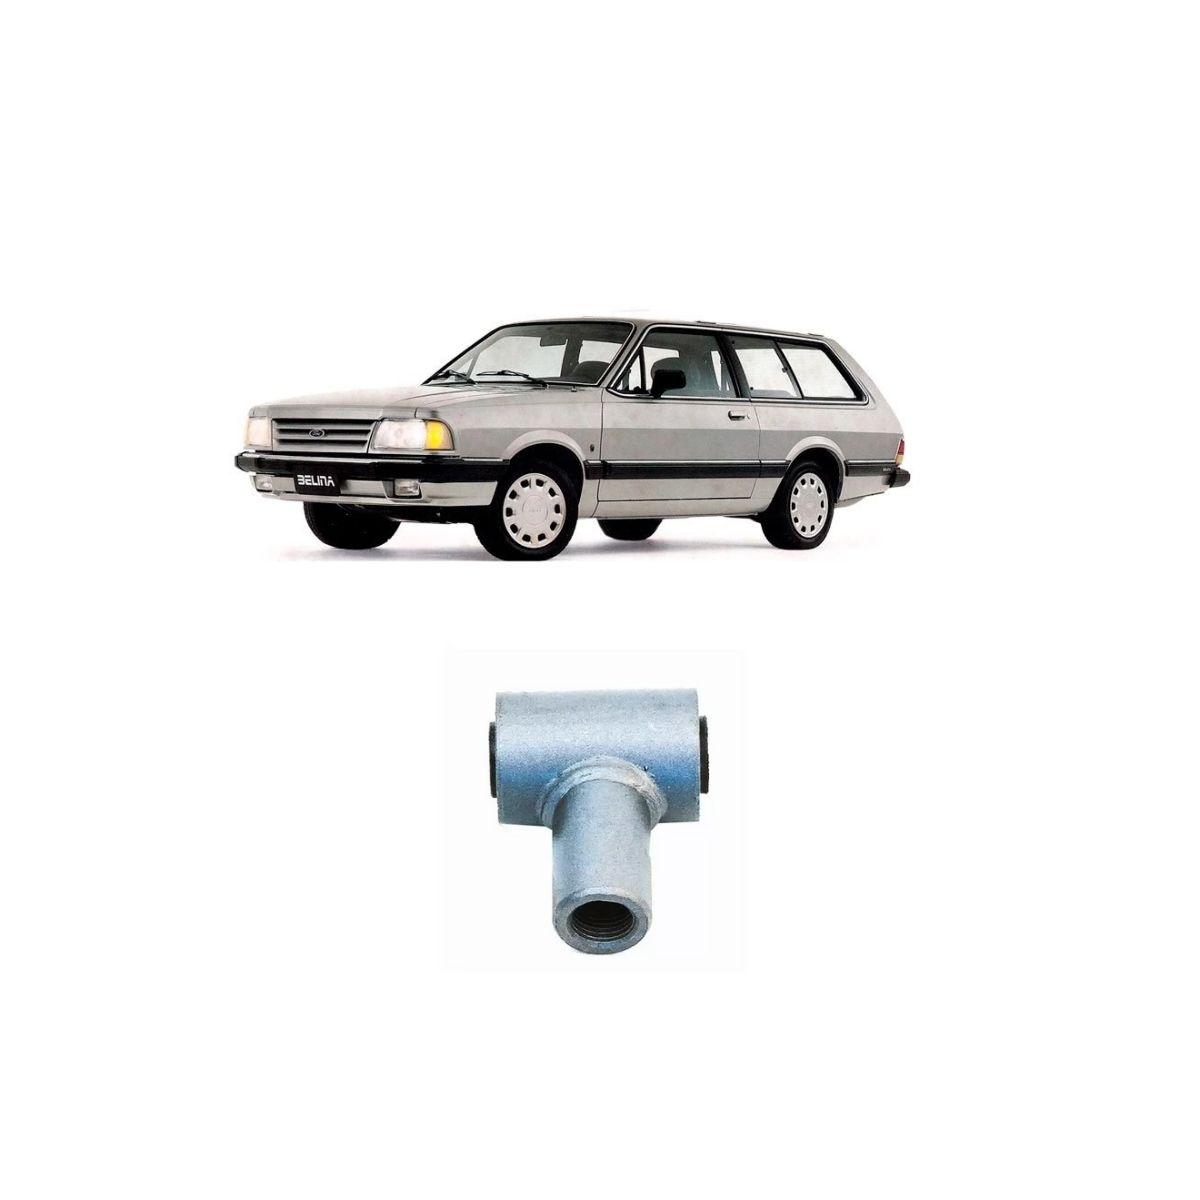 Bucha Do Amortecedor Dianteiro Ford Belina 1970/1977